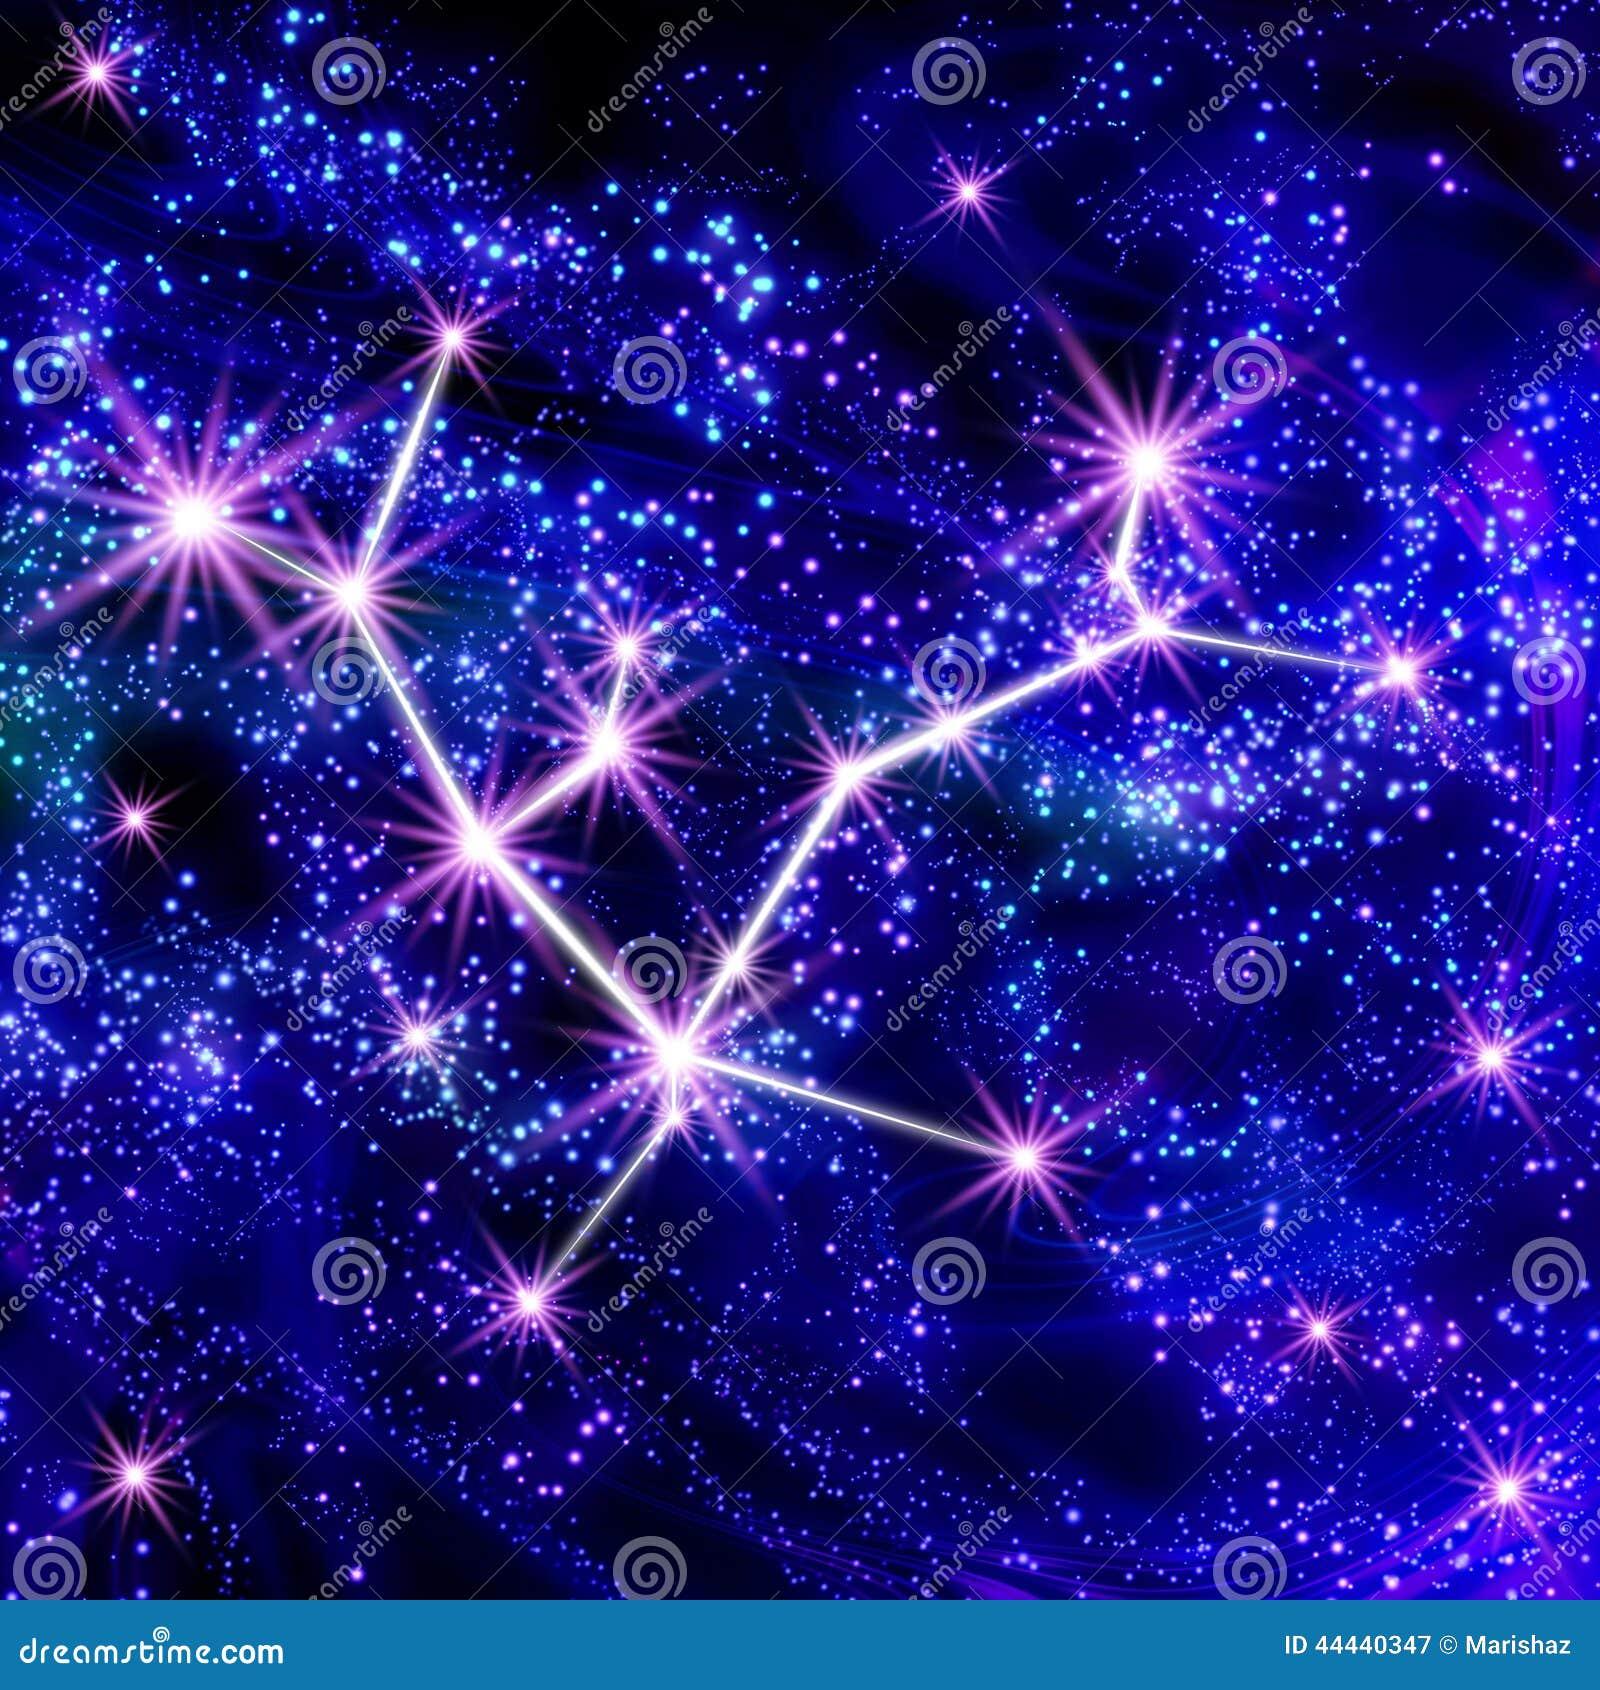 背景 壁纸 皮肤 星空 宇宙 桌面 1300_1390图片